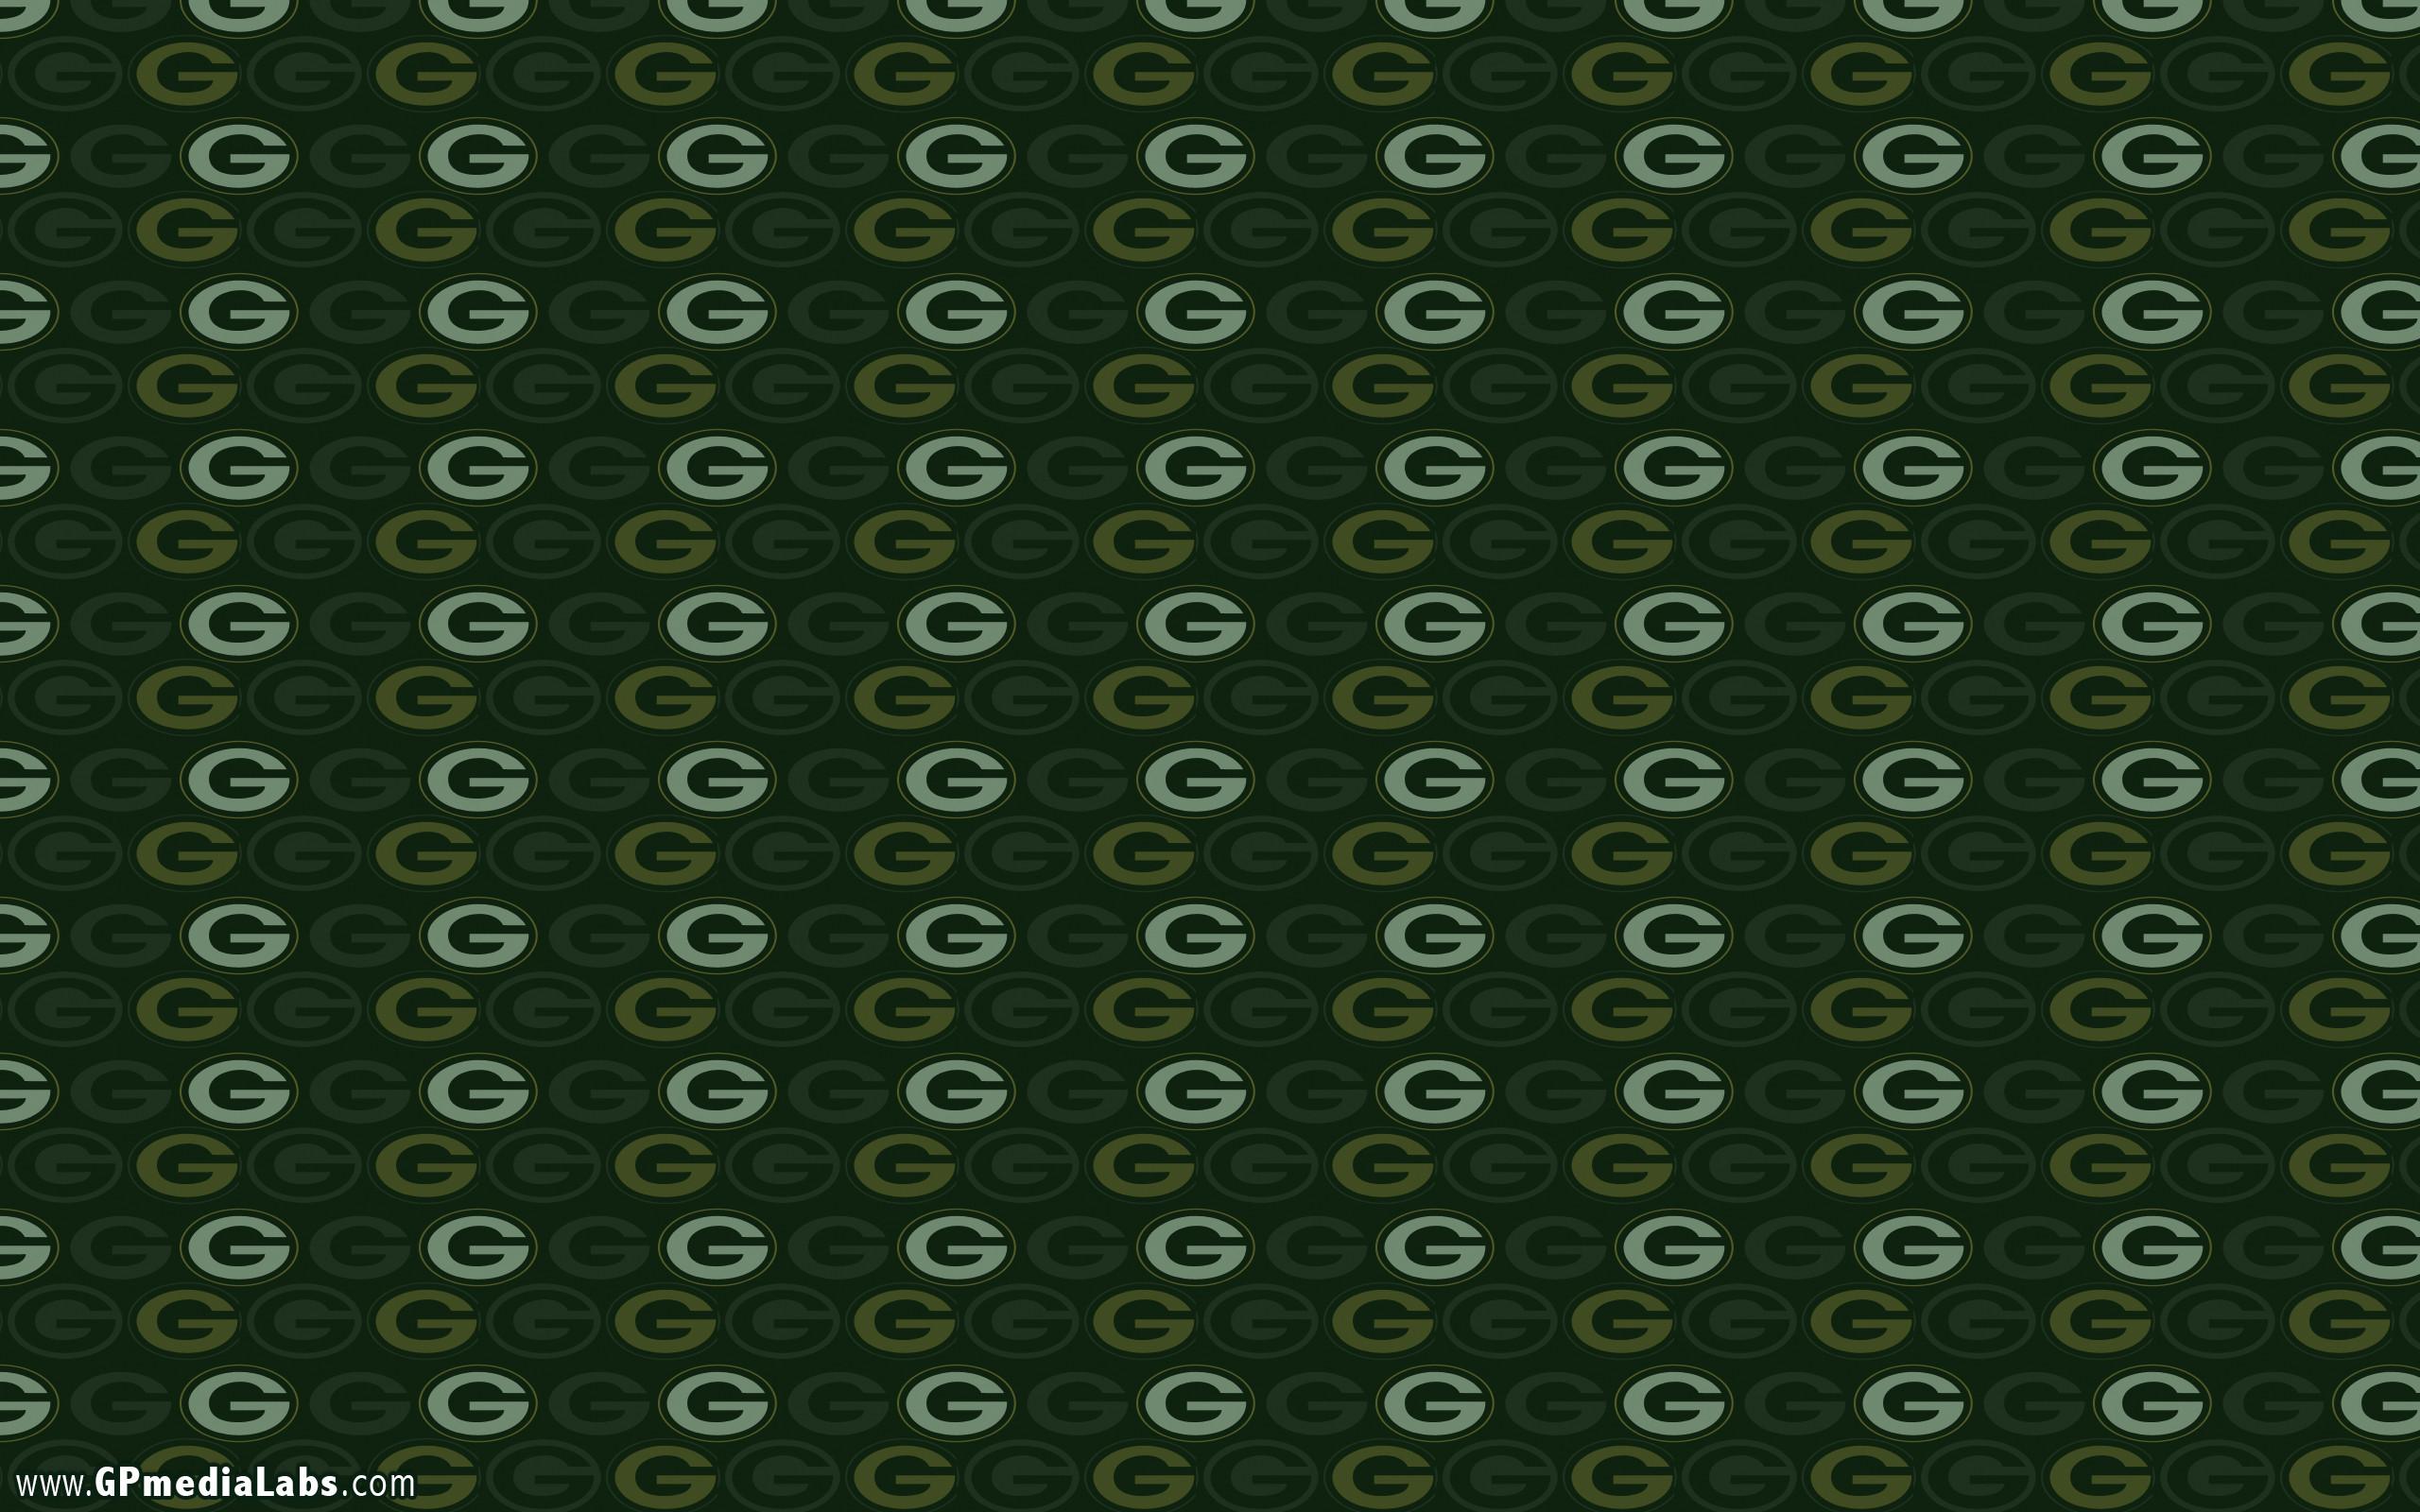 Green Bay Packers Wallpaper – G Logo Tile 1